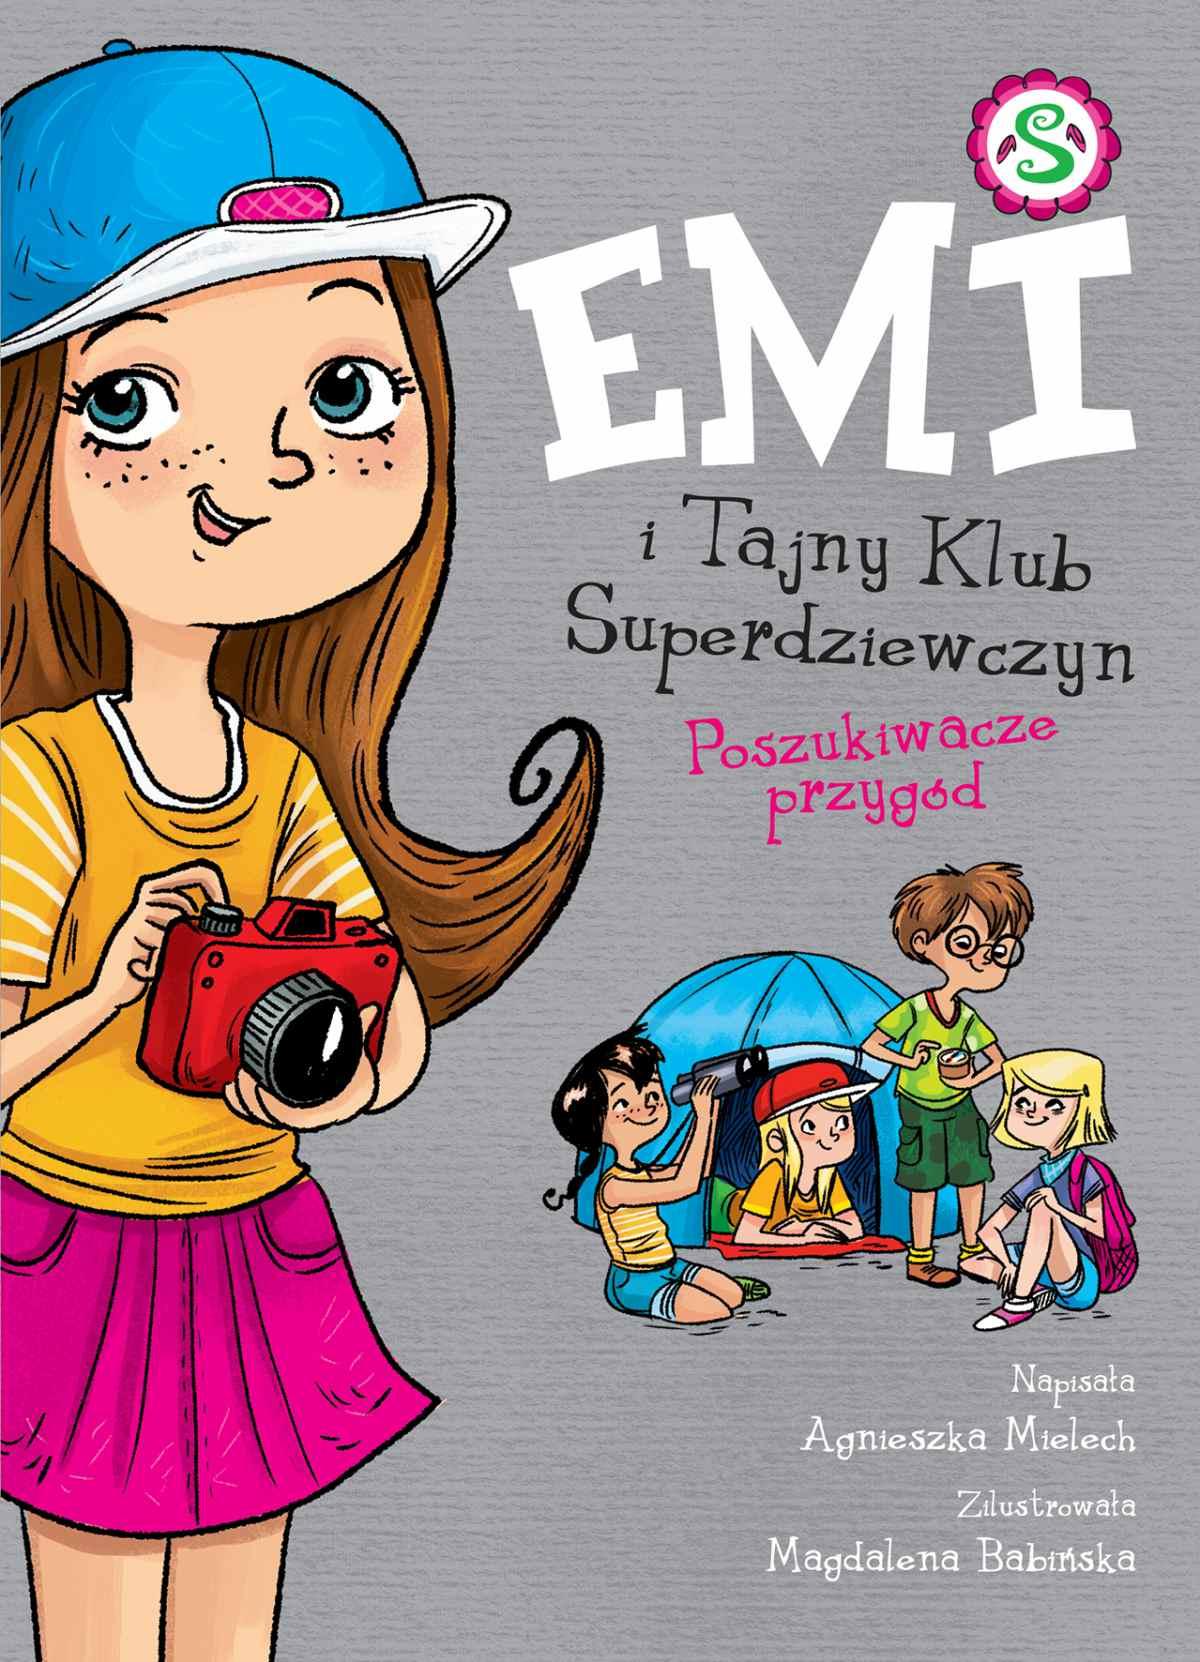 Emi i Tajny Klub Superdziewczyn. Poszukiwacze przygód - Ebook (Książka EPUB) do pobrania w formacie EPUB